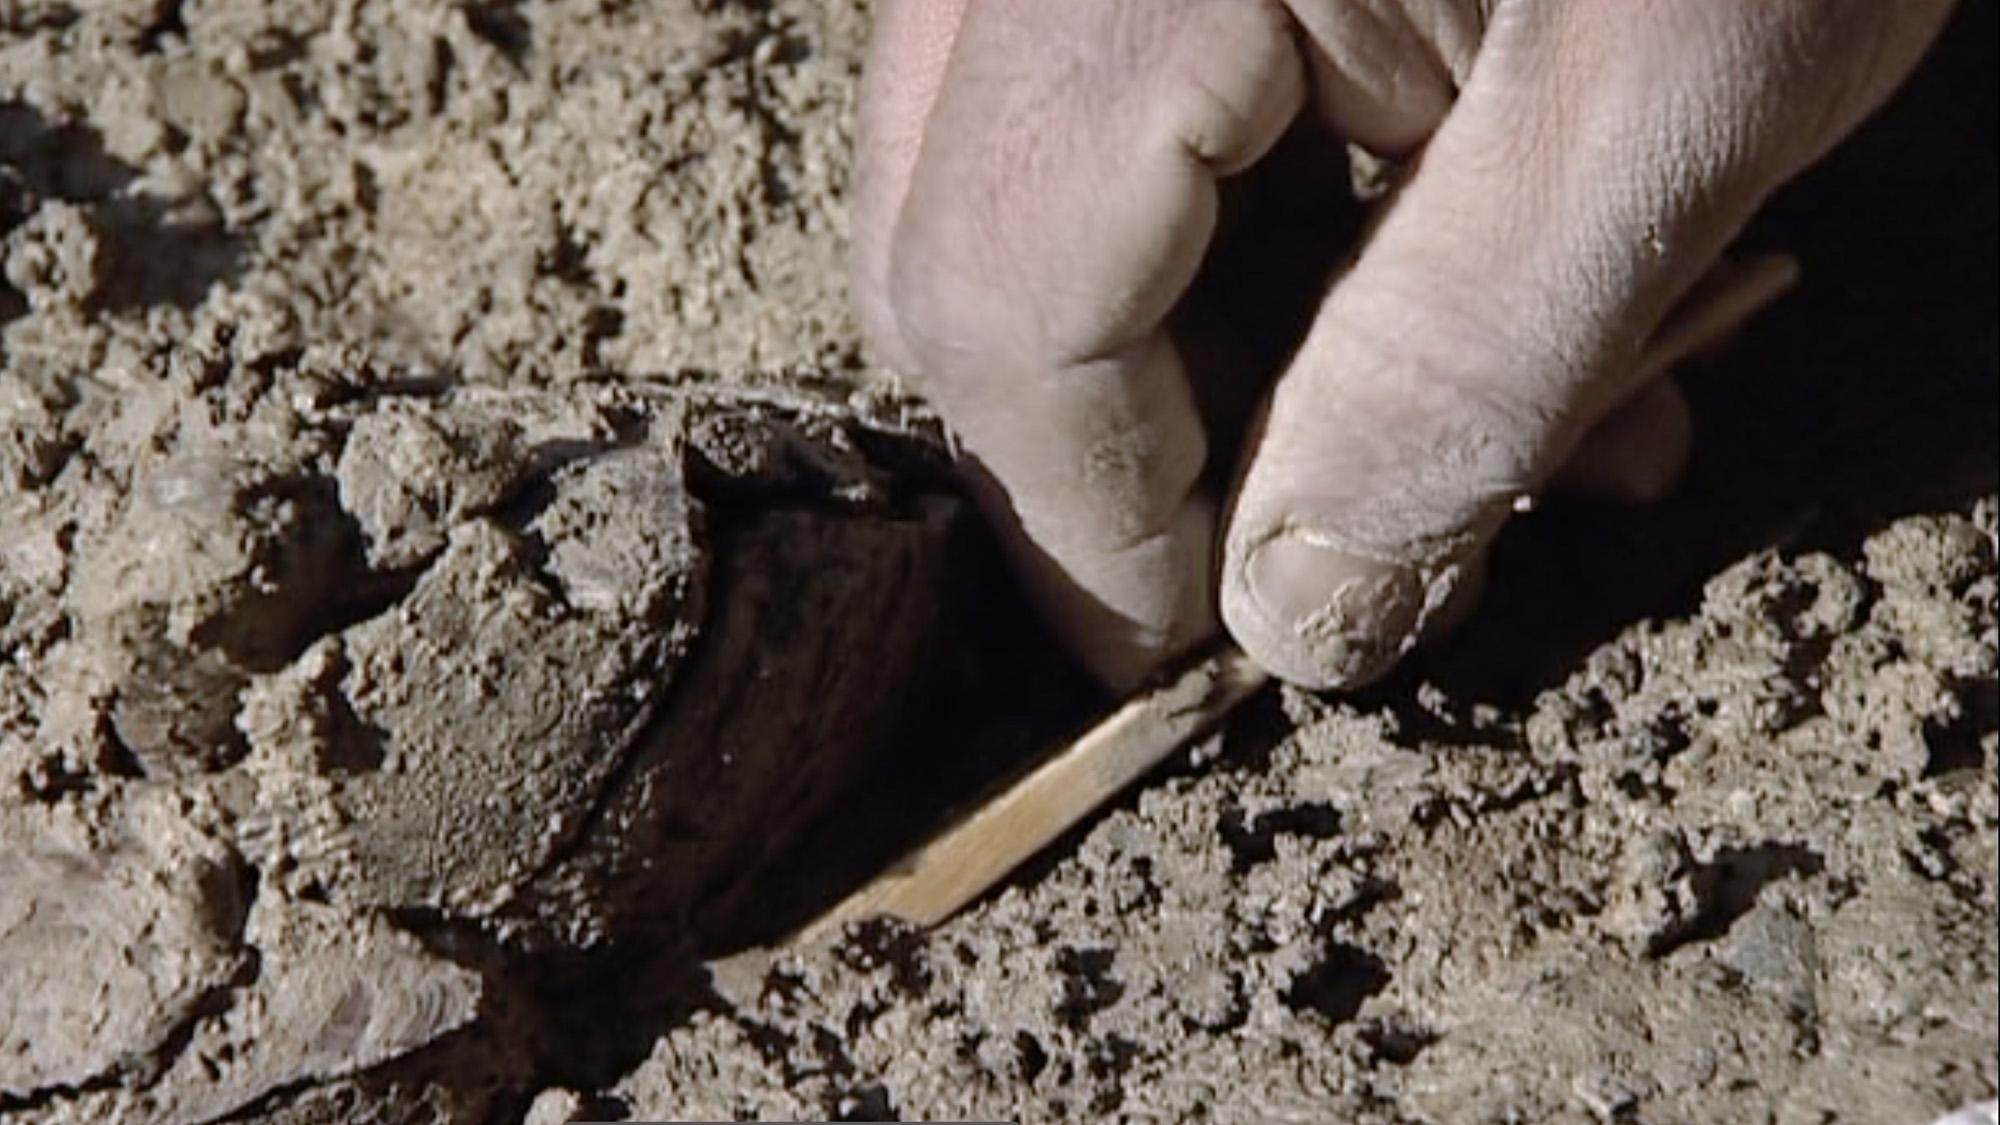 Archaeological excavation at Le Mormont, Video Still: Le crépuscule des Celtes by Stéphane Goël, Climage, 2007